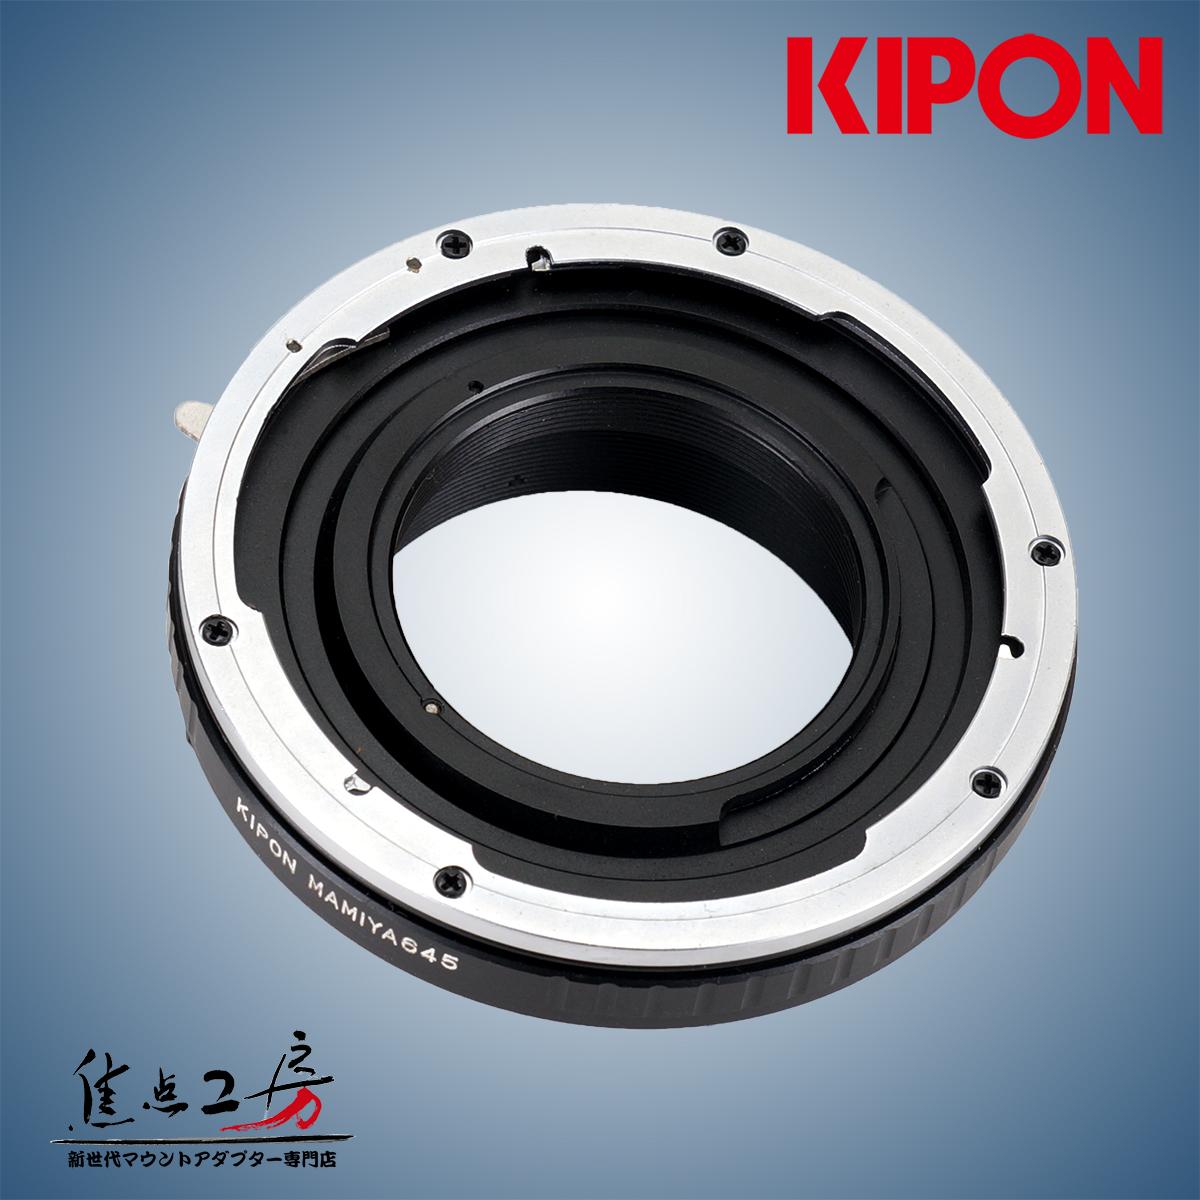 マウントアダプター KIPON M645-EOS マミヤ645レンズ - キヤノンEOSマウントカメラ